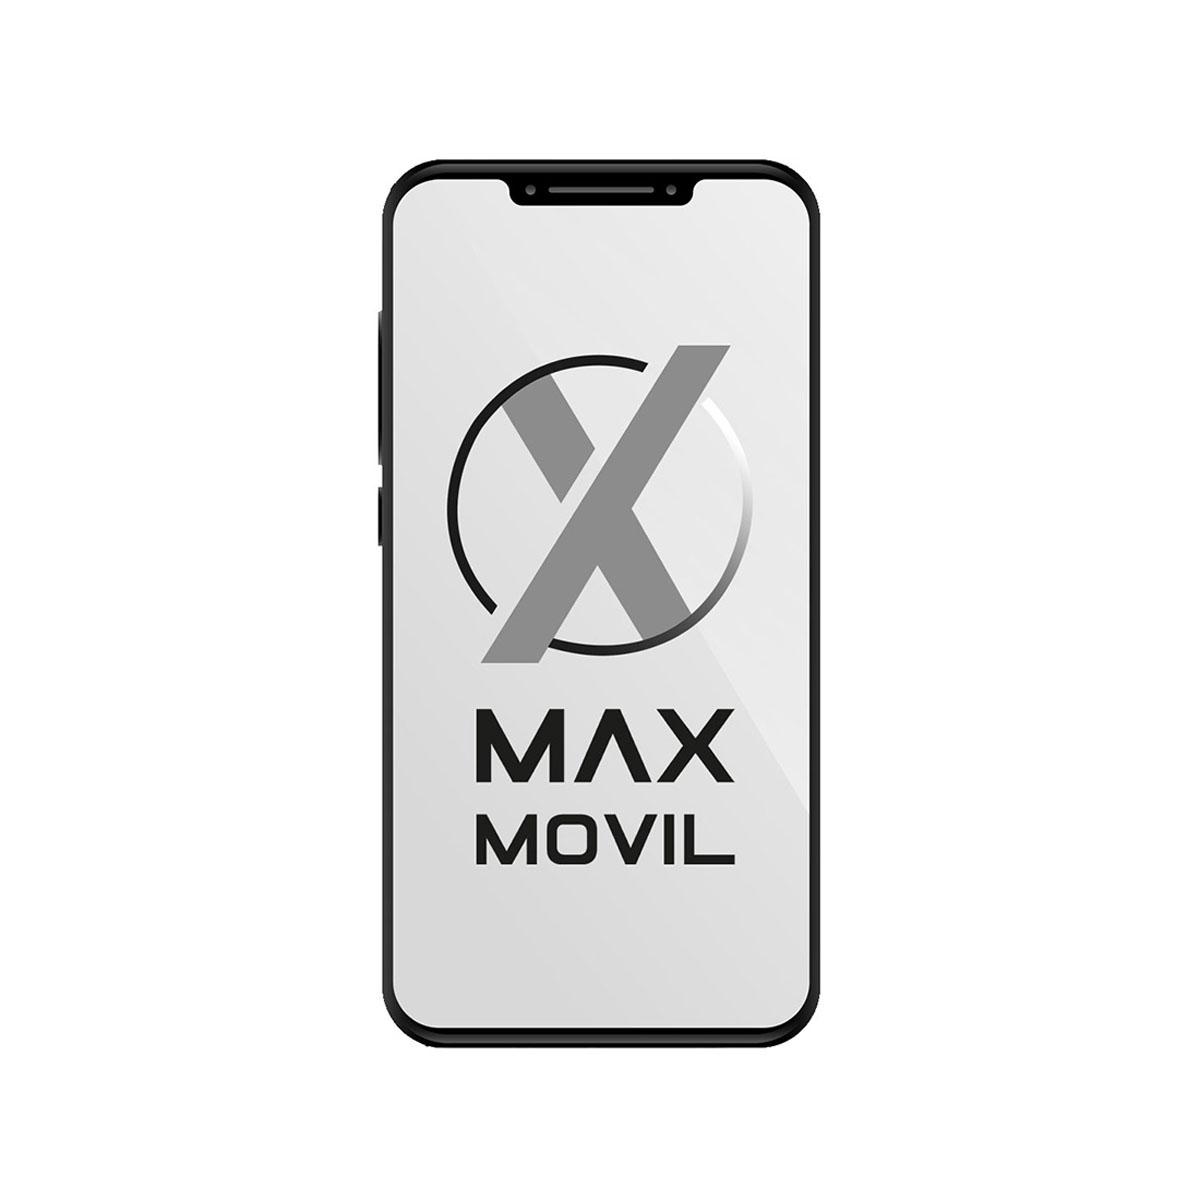 Motorola Moto G4 Play Blanco Dual SIM XT1602